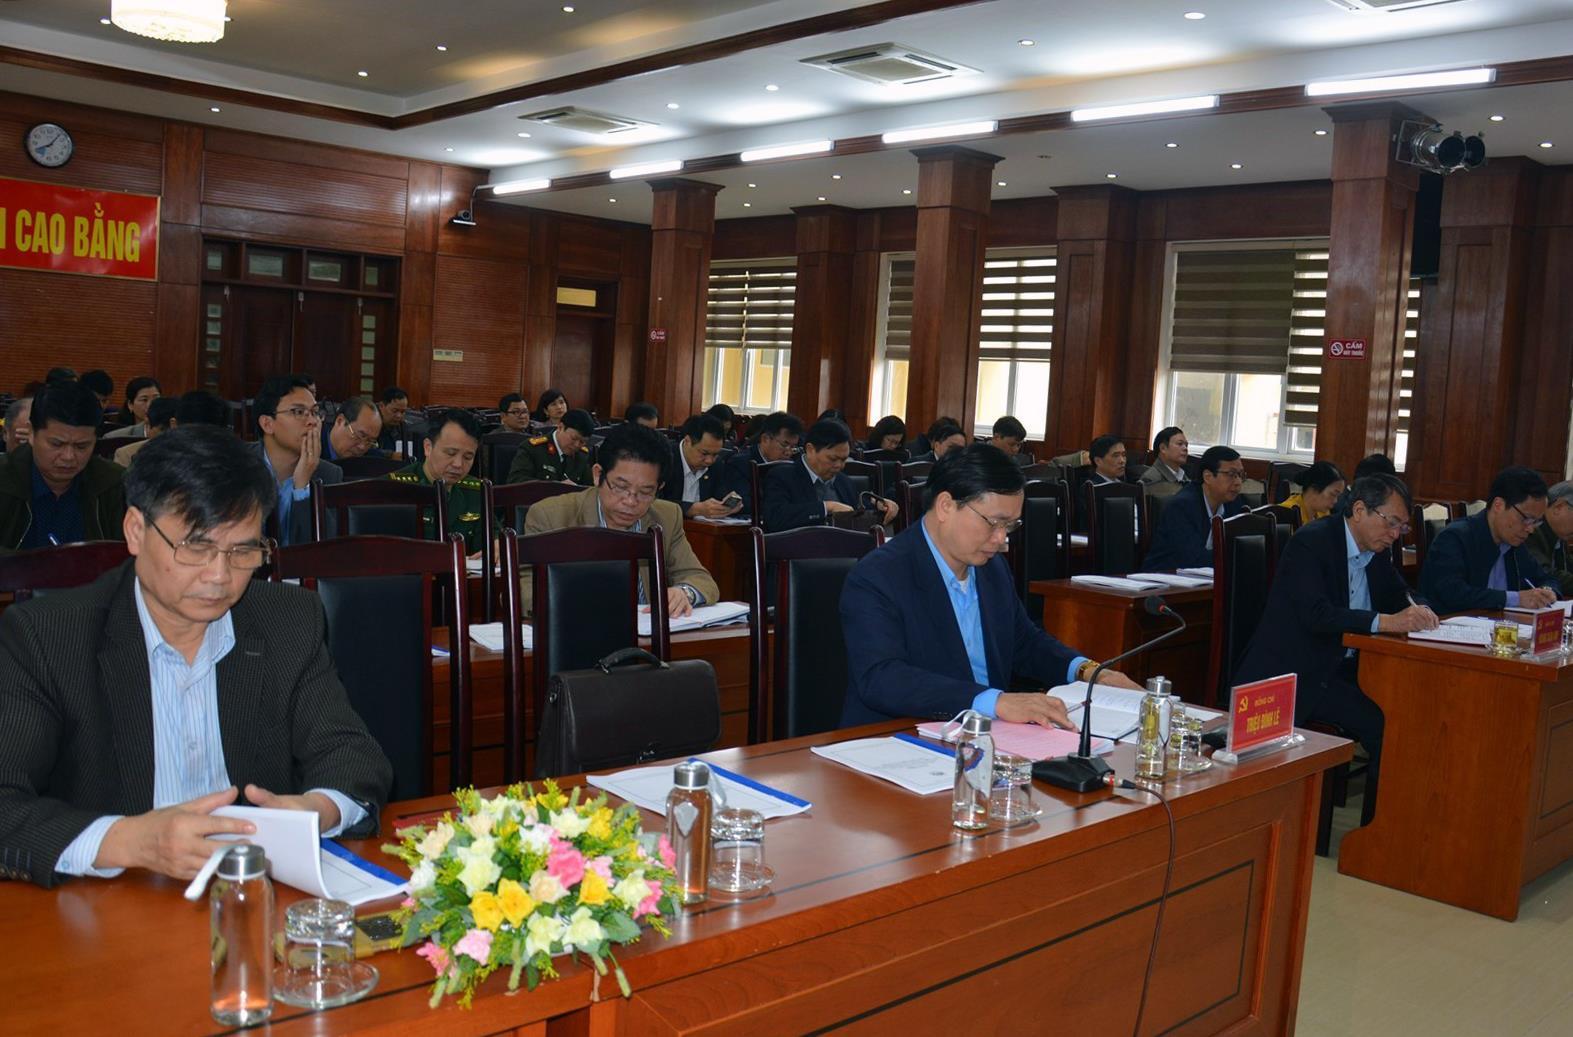 Thủ tướng Chính phủ Nguyễn Xuân Phúc: Tiếp tục đẩy mạnh công tác dân vận khéo trong hệ thống chính trị